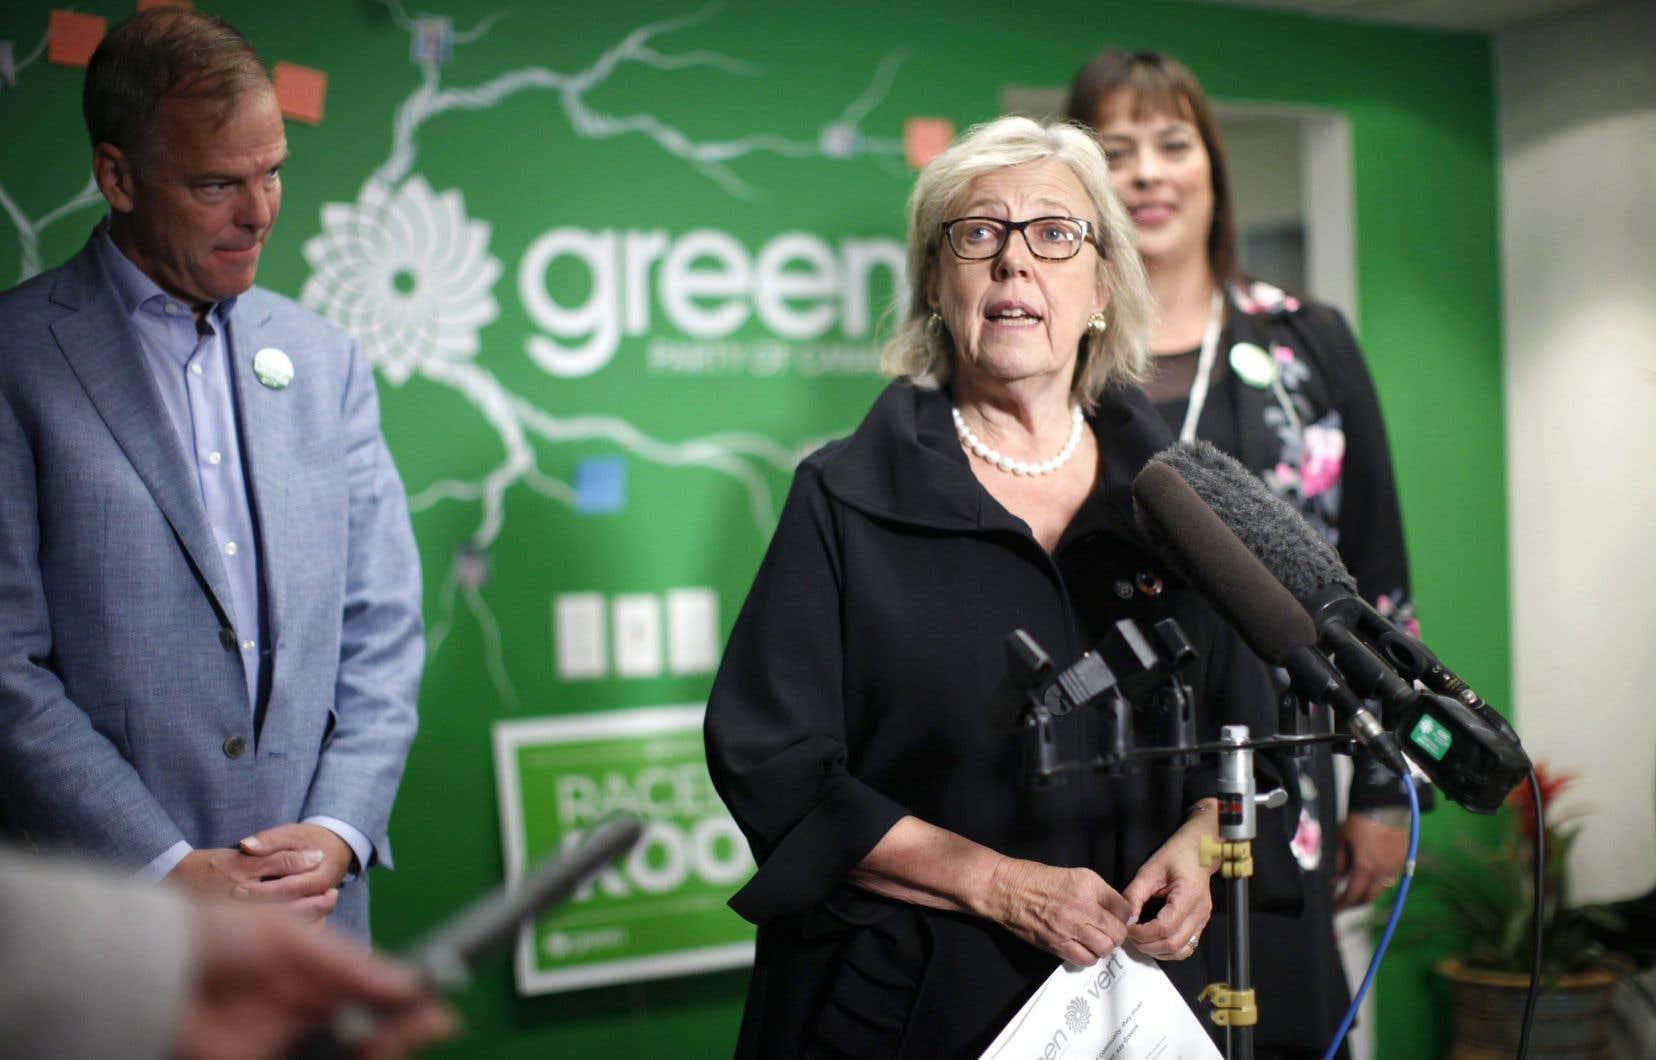 La cheffe Elizabeth May n'approuvait pas la position du parti à l'endroit d'Israël. Le meneur de la course à la chefferie, David Merner, à gauche, se dit d'accord avec elle.